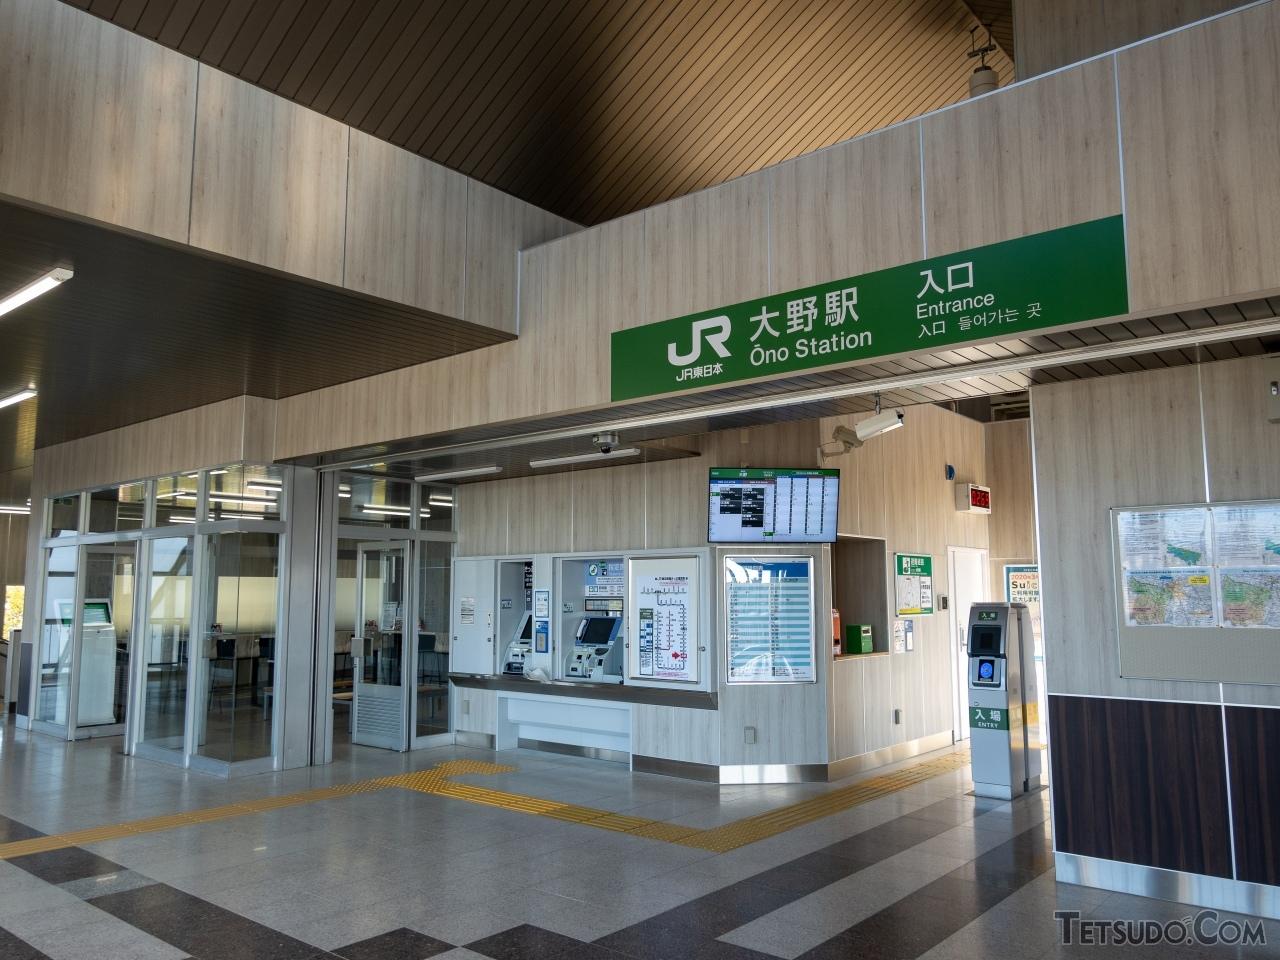 大野駅改札口。常磐線復旧と同時に浪江駅までがSuicaに対応し、首都圏エリアの仲間入りを果たした。その代わり、東京近郊区間に含まれてしまい途中下車が制限されてしまったのは残念